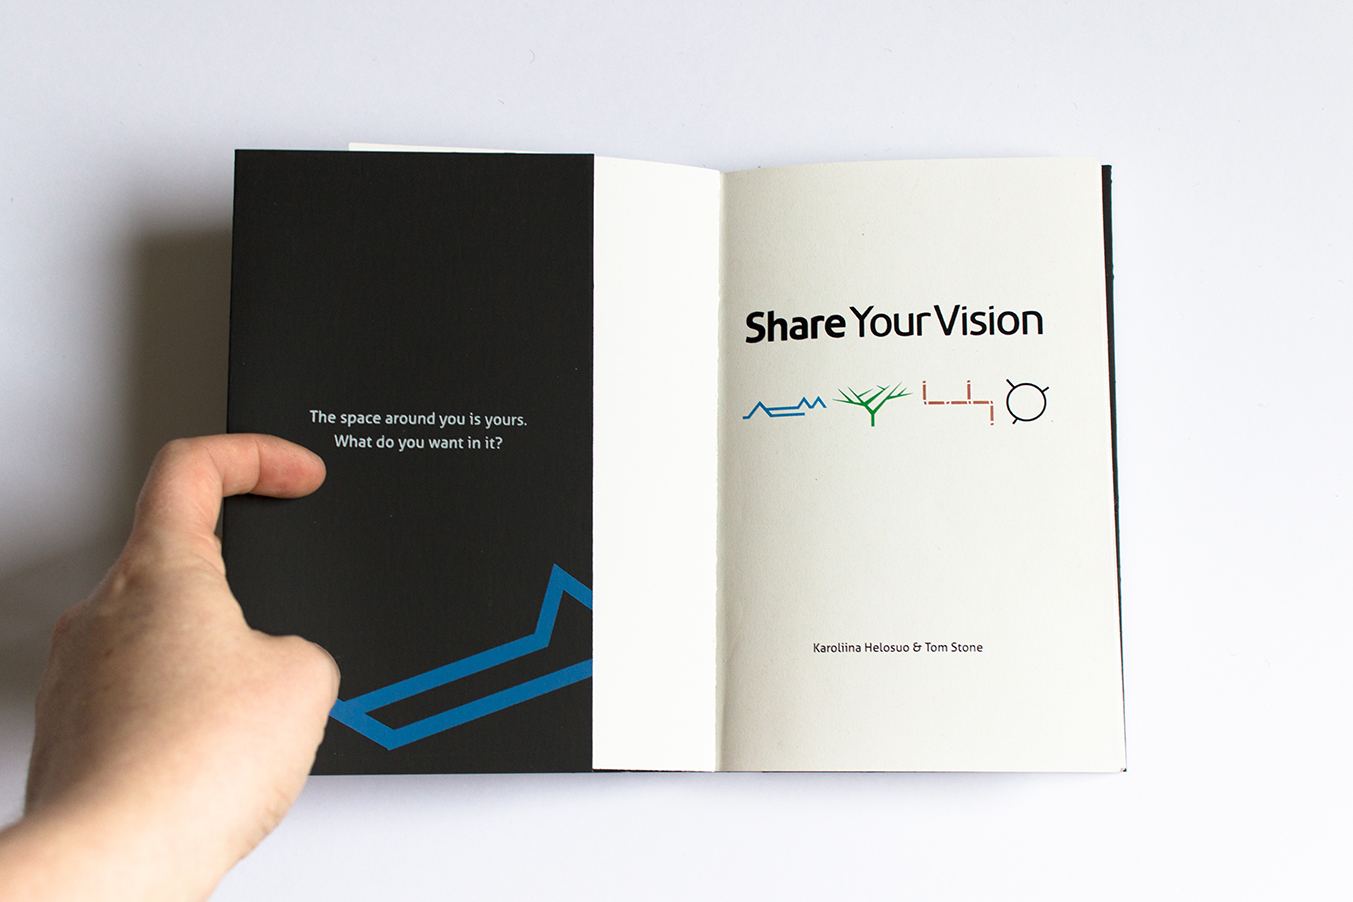 shareyourvision3 copy.jpg